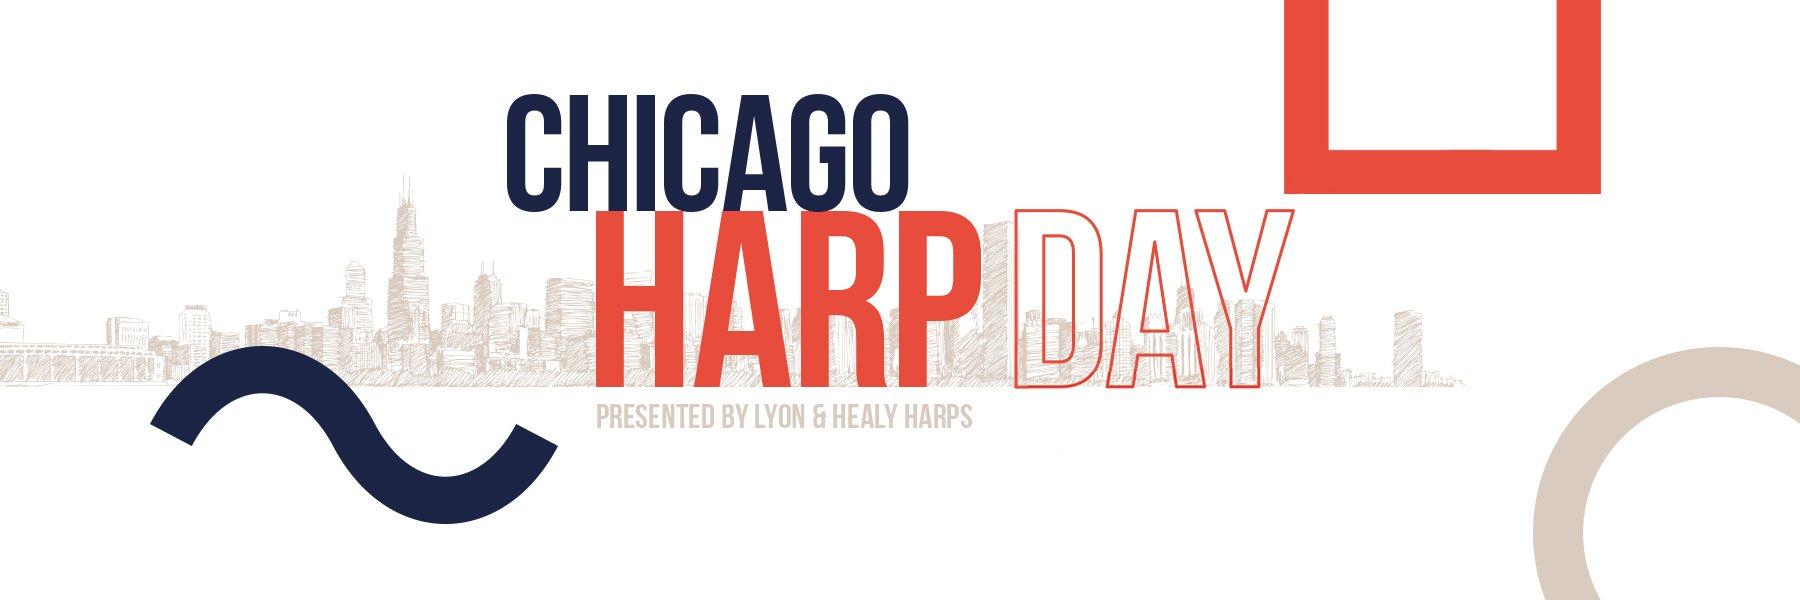 Harp Day